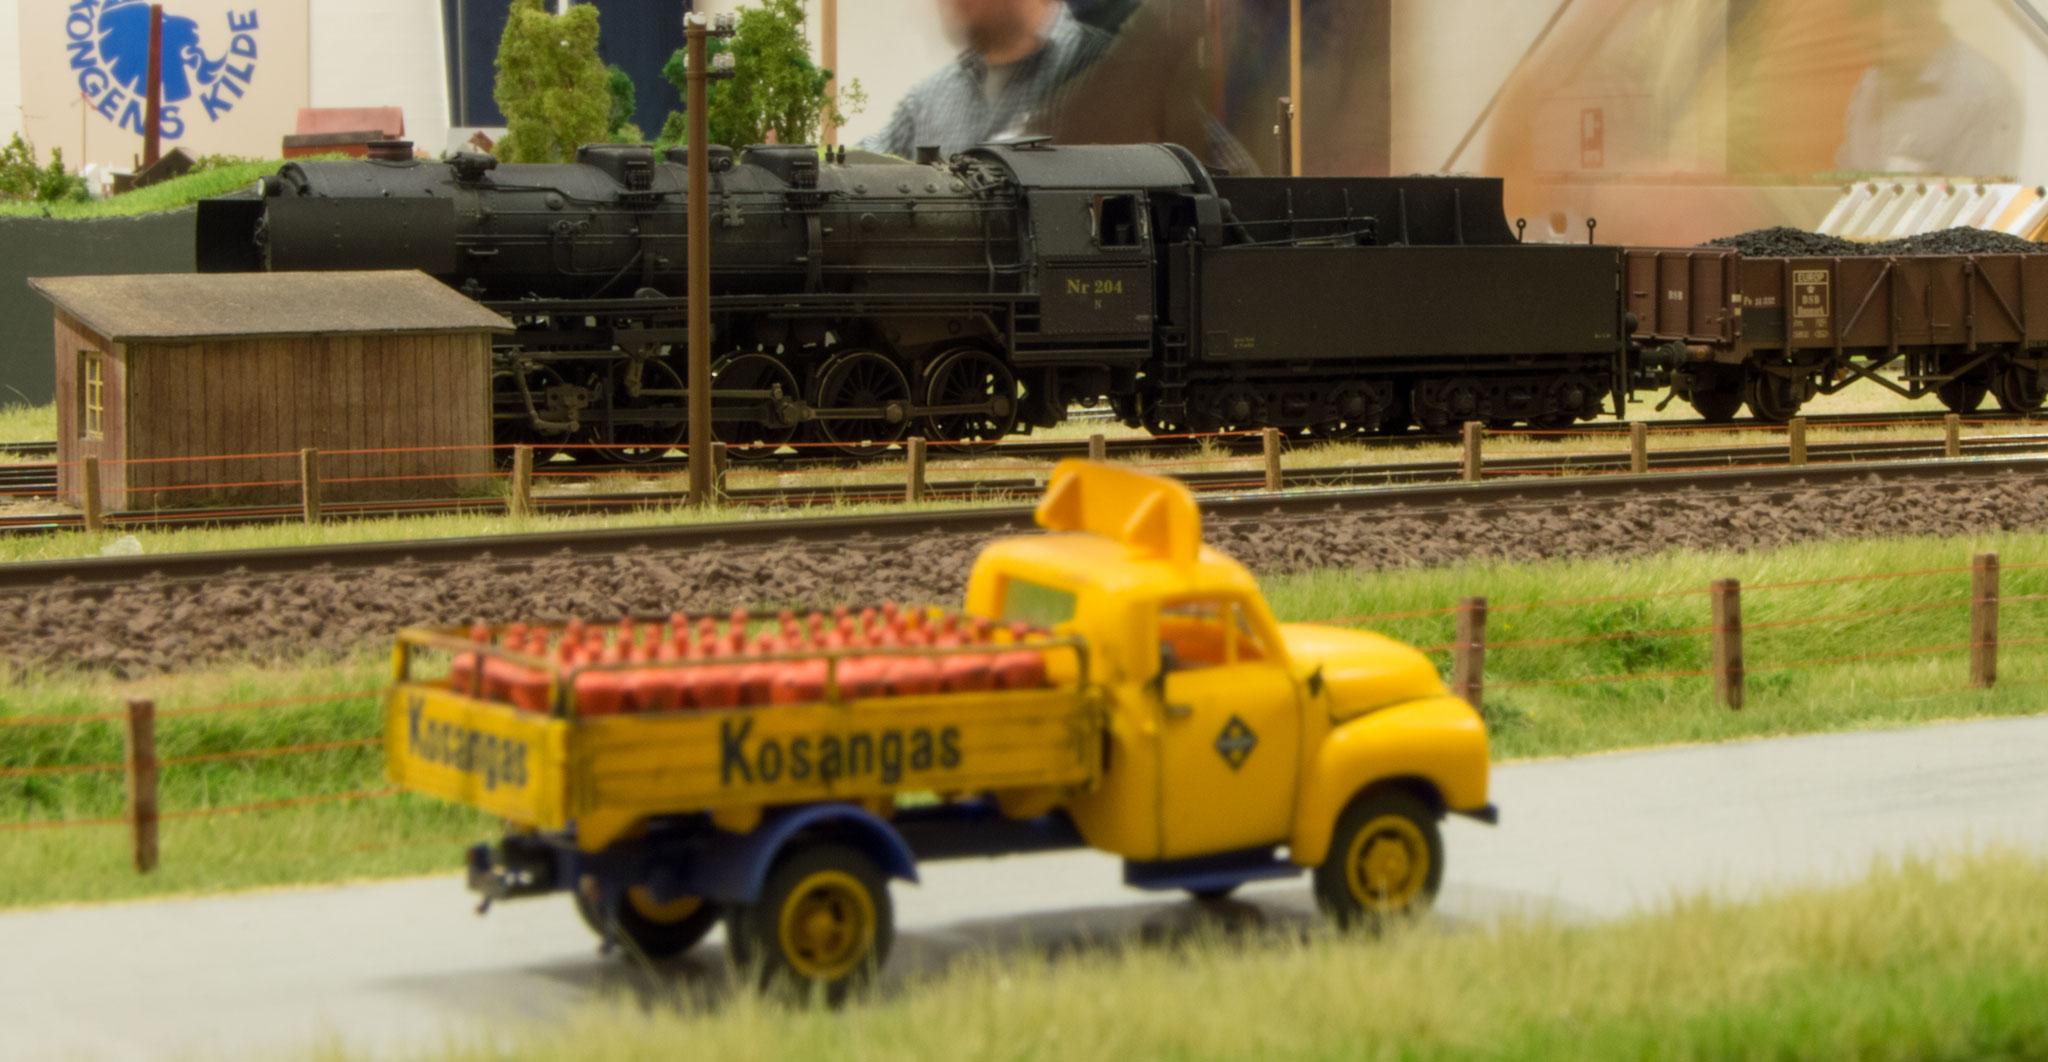 N-maskine afventer afgang, mens Kosangasbilen er på vej til Søbylund med nye forsyninger